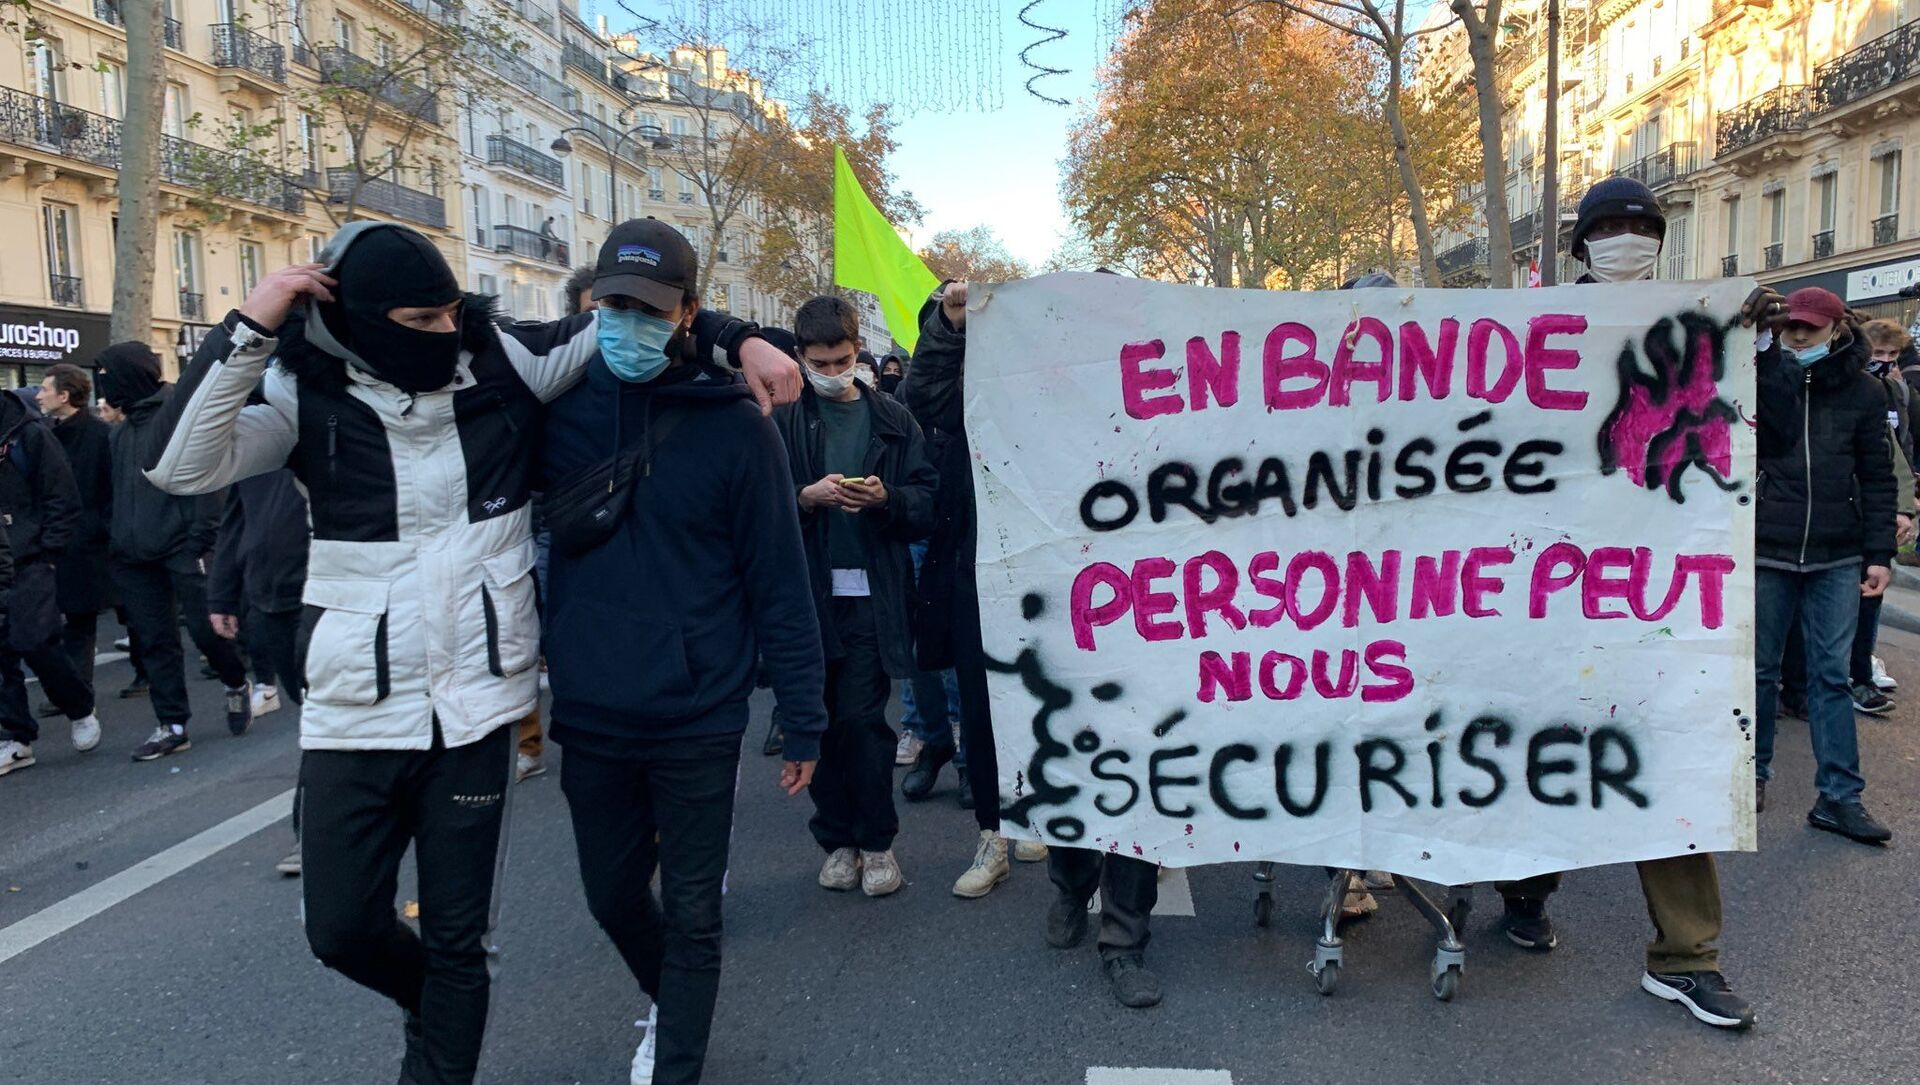 Manifestation du 28 novembre 2020 à Paris contre la loi Sécurité globale - Sputnik France, 1920, 11.03.2021